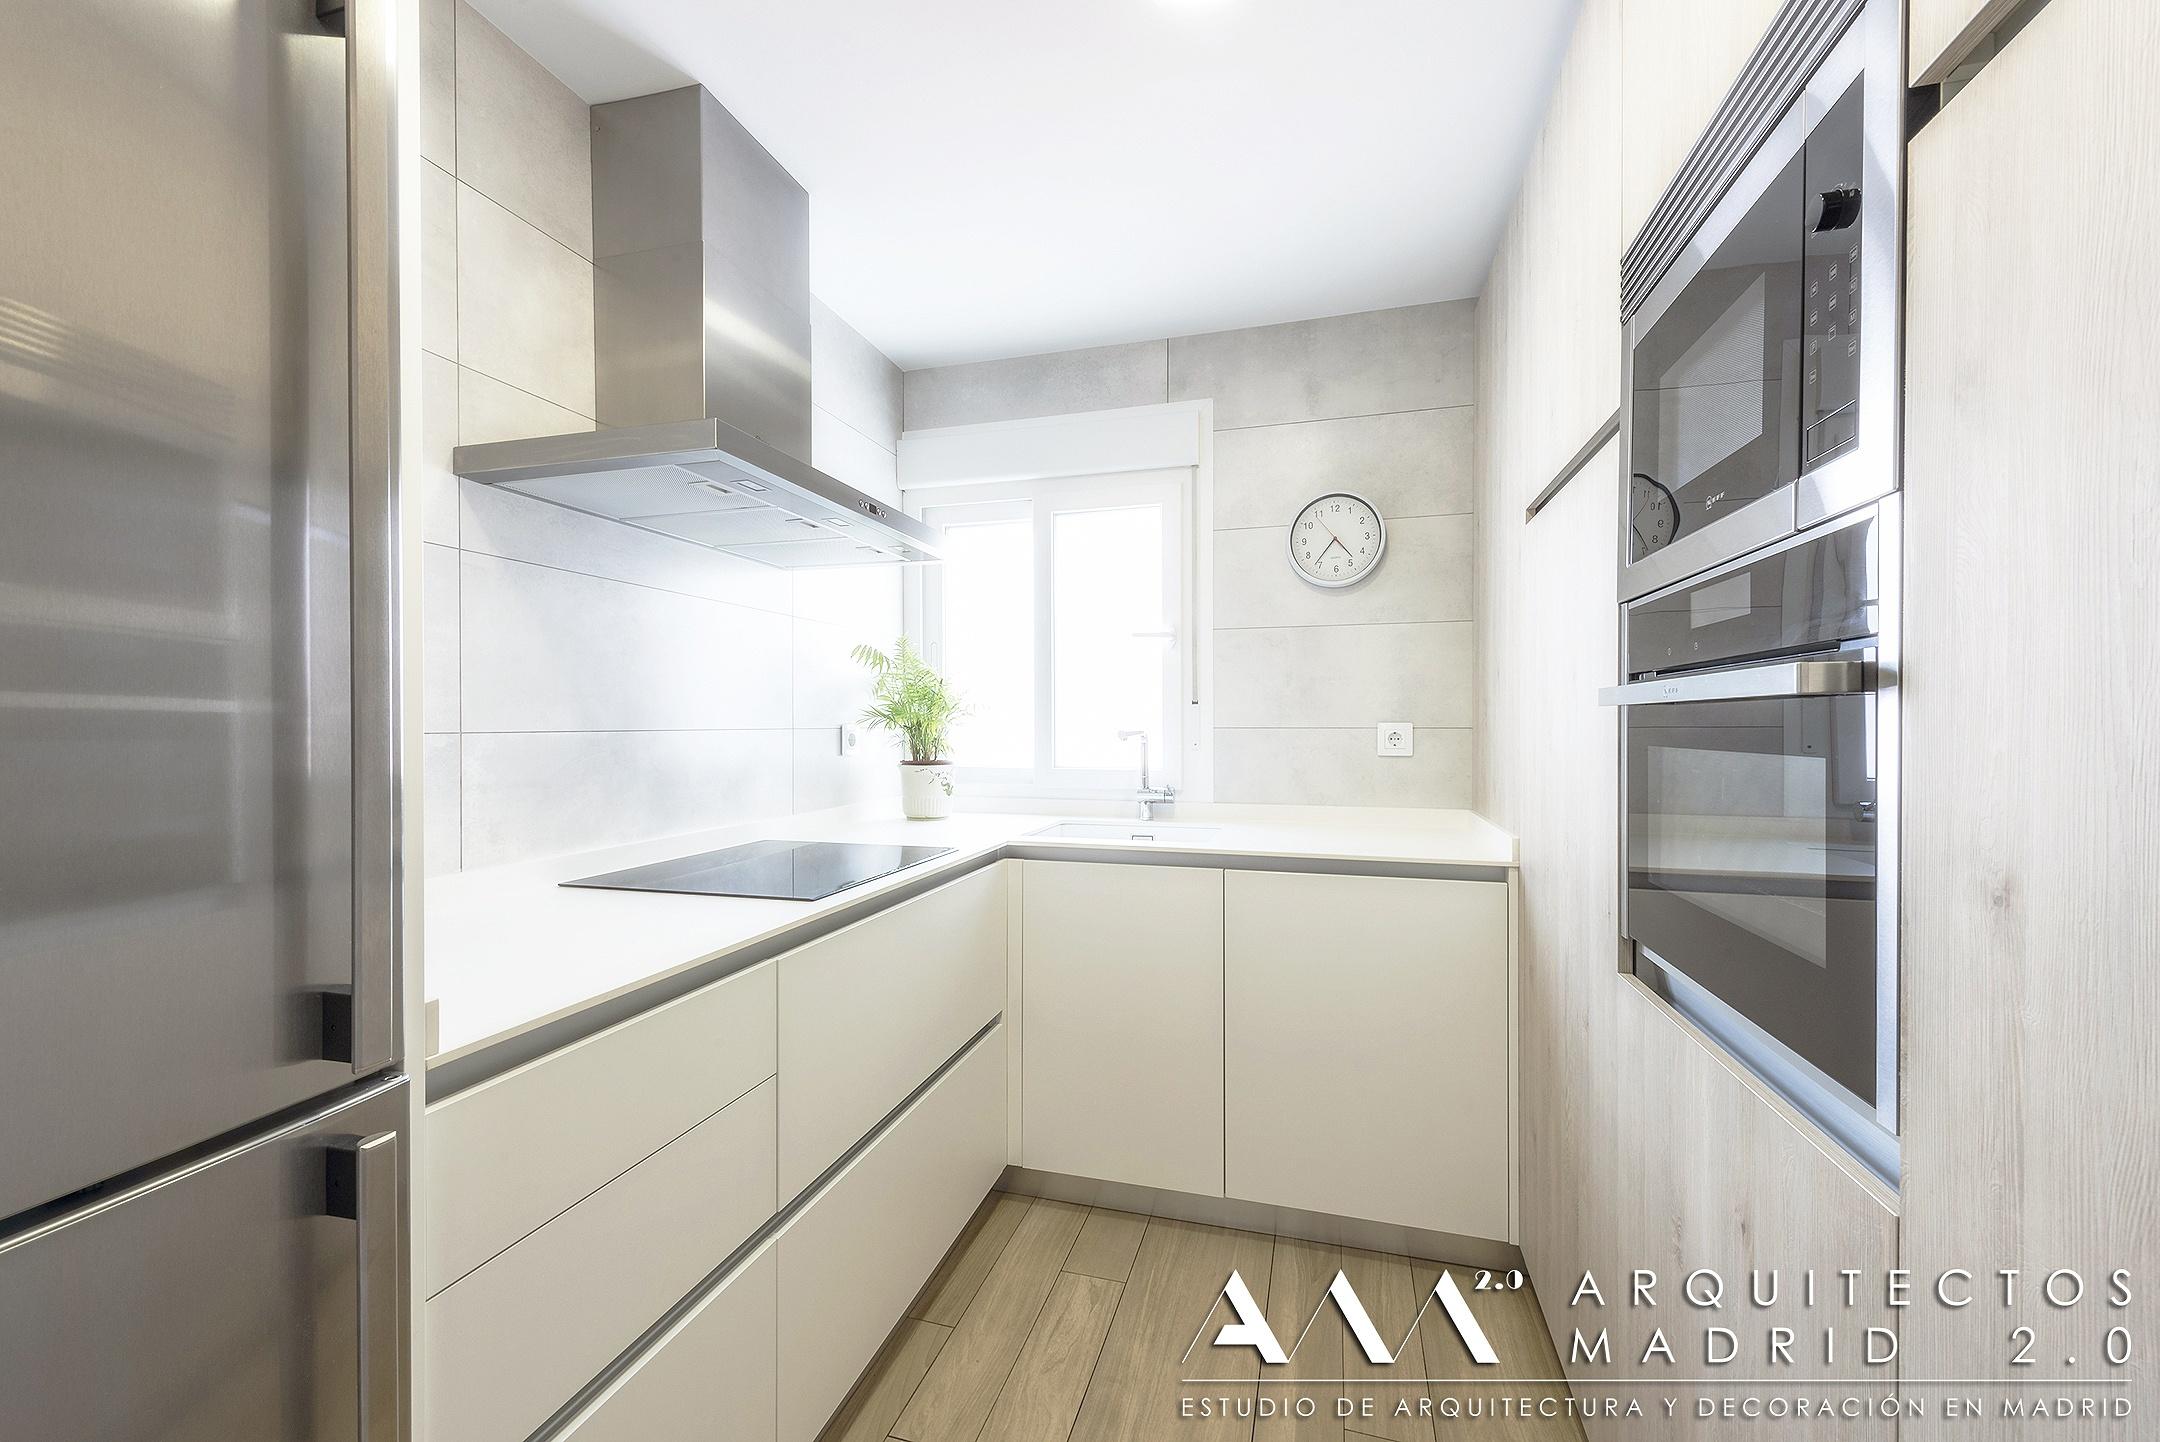 reforma-piso-apartamento-vivienda-120m2-barrio-retiro-madrid-010